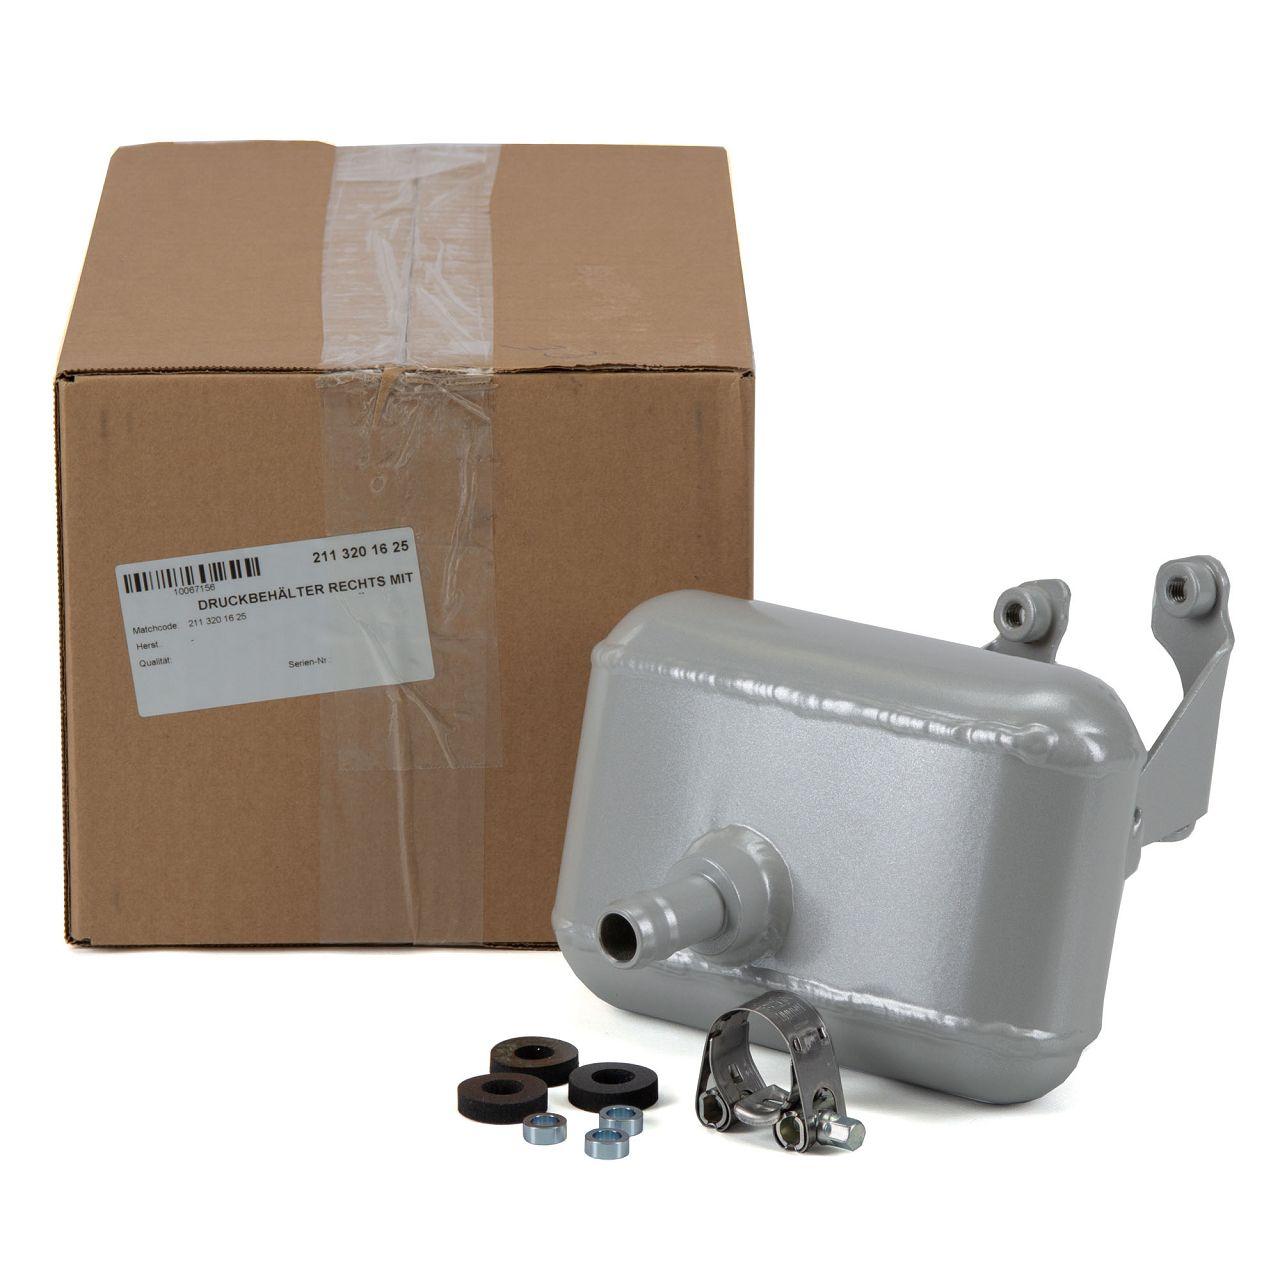 Druckbehälter Hydrospeicher Airmatik für MERCEDES W211 OM642 M113 hinten rechts